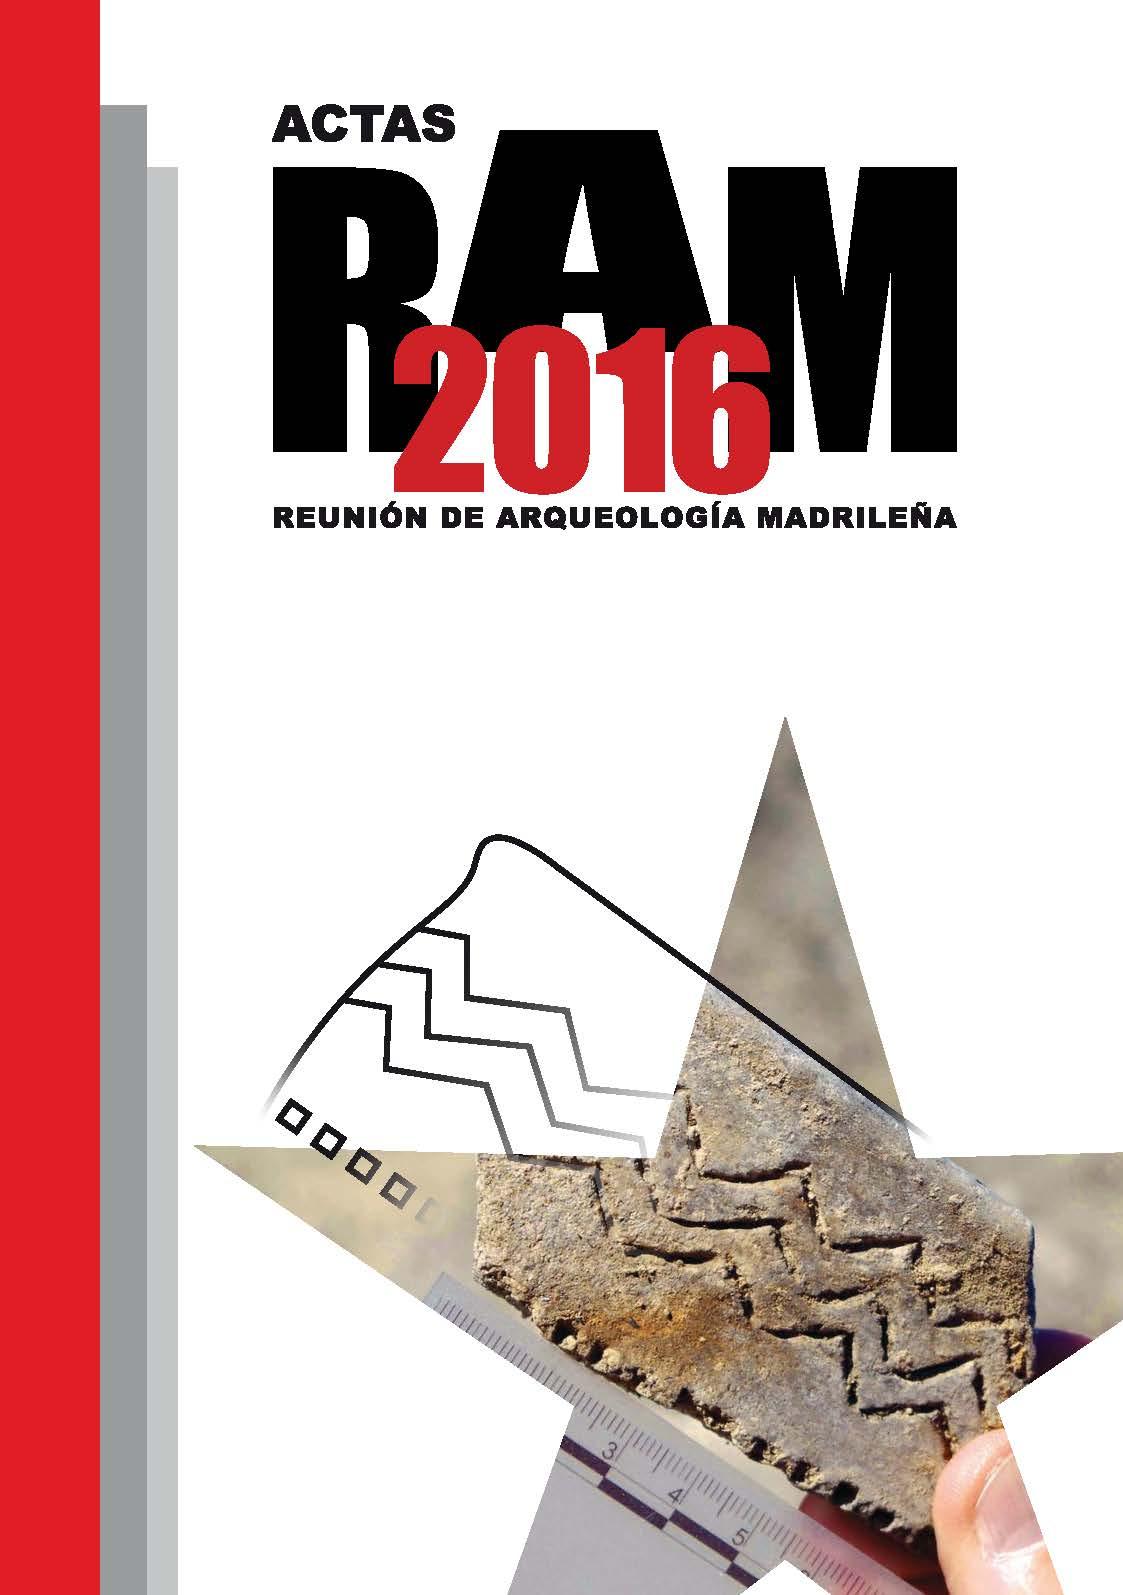 Actas de la Reunión de Arqueología Madrileña 2016